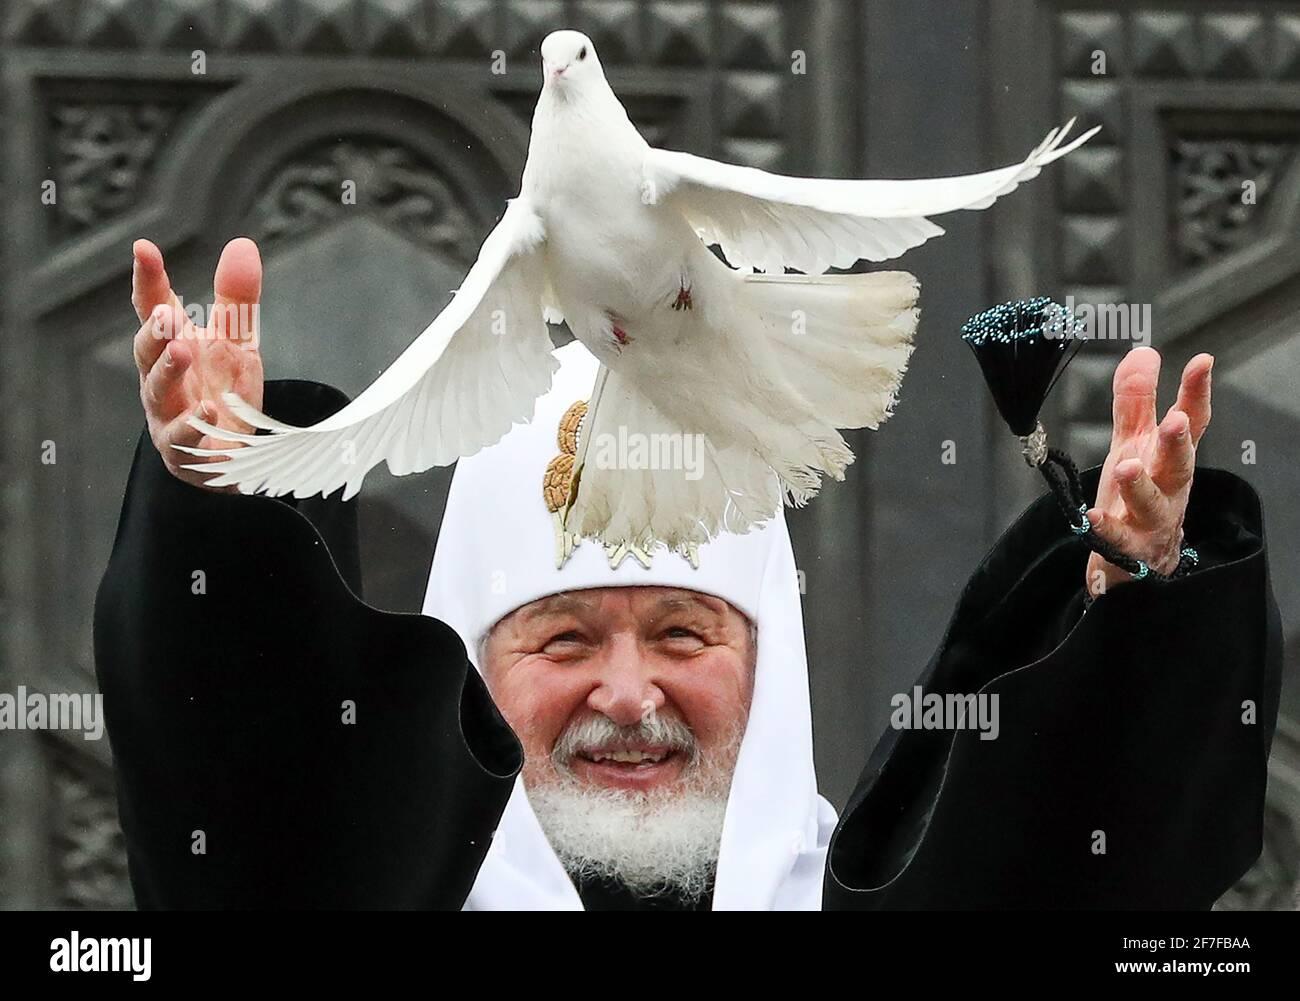 Moscú, Rusia. 7th de abril de 2021. El patriarca Kirill de Moscú y toda Rusia libera palomas en el cielo para marcar la fiesta de la Anunciación fuera de la Catedral de Cristo Salvador. Crédito: Mikhail Tereshchenko/TASS/Alamy Live News Foto de stock